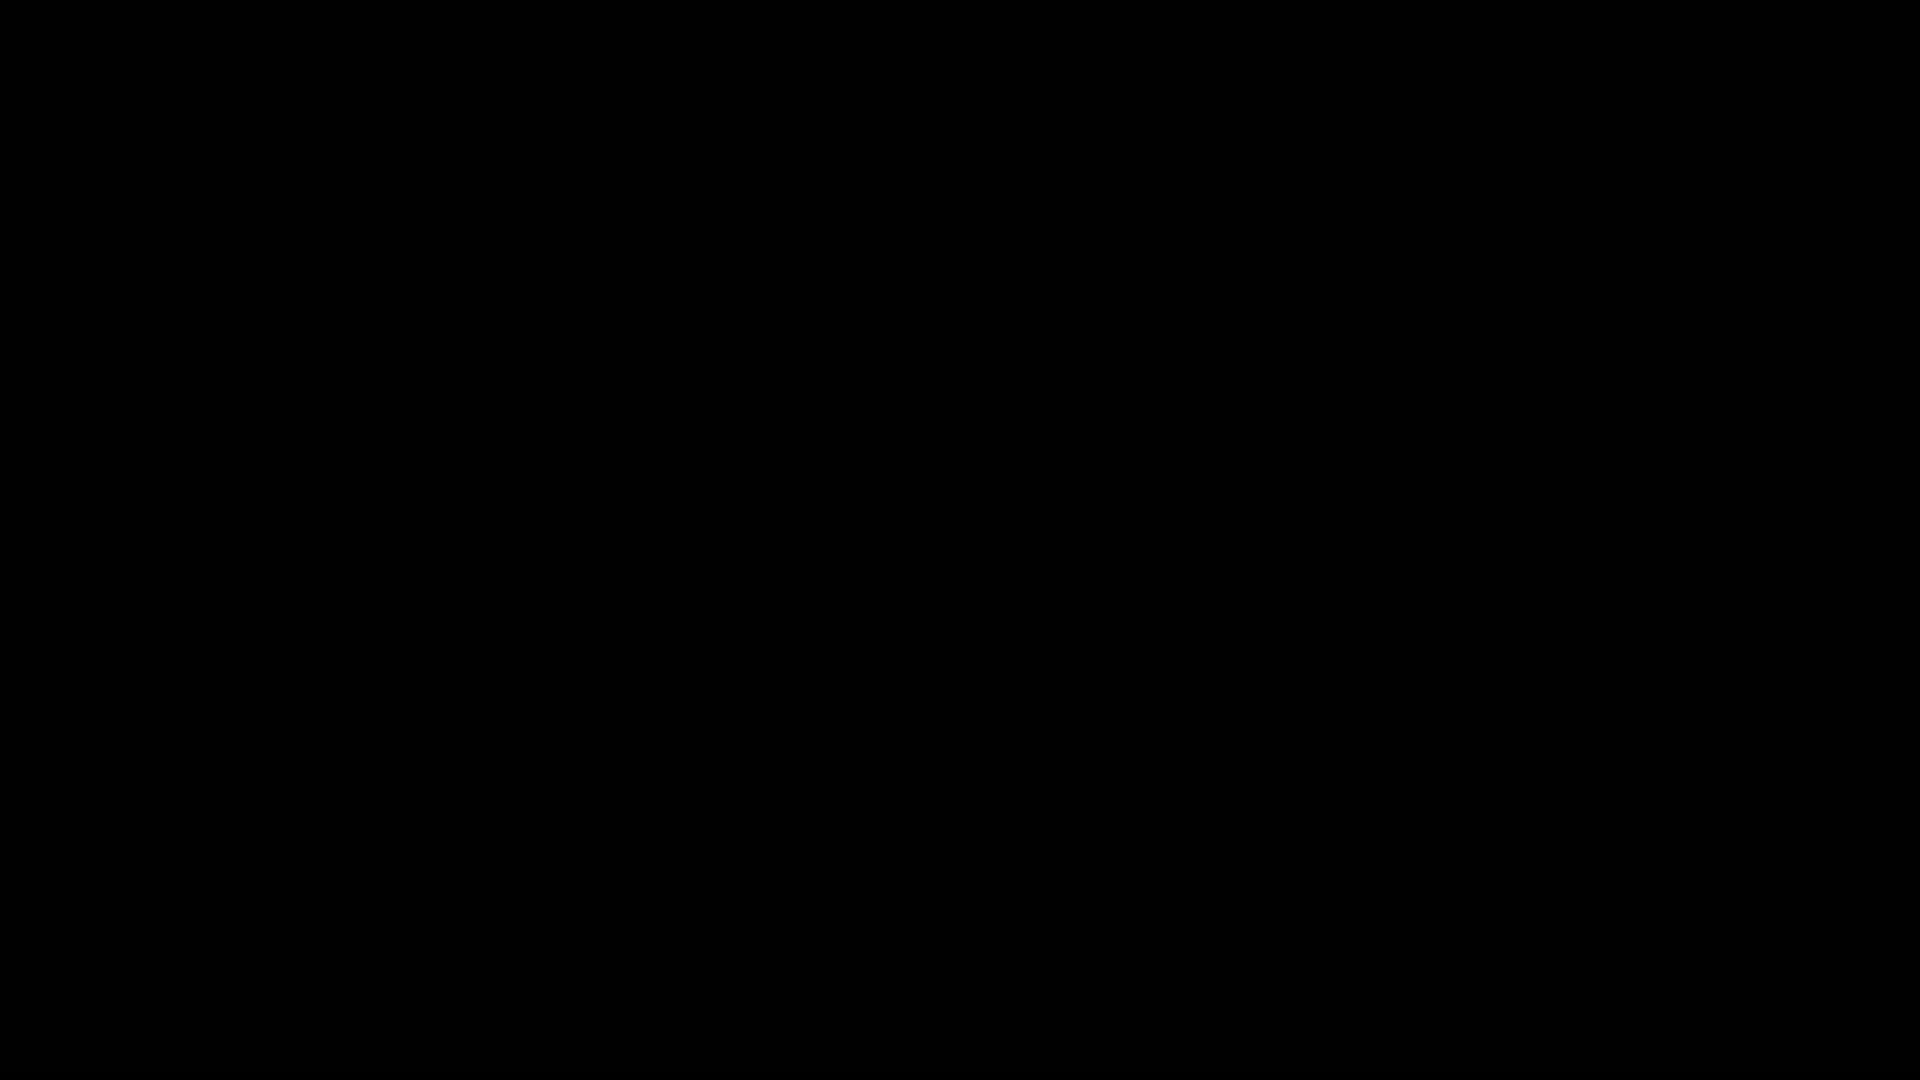 ウブっ娘のドキドキ初体験~ブルマ×スク水×バイブ~ - ましろあい【69 立ちバック 騎乗位 中出し】